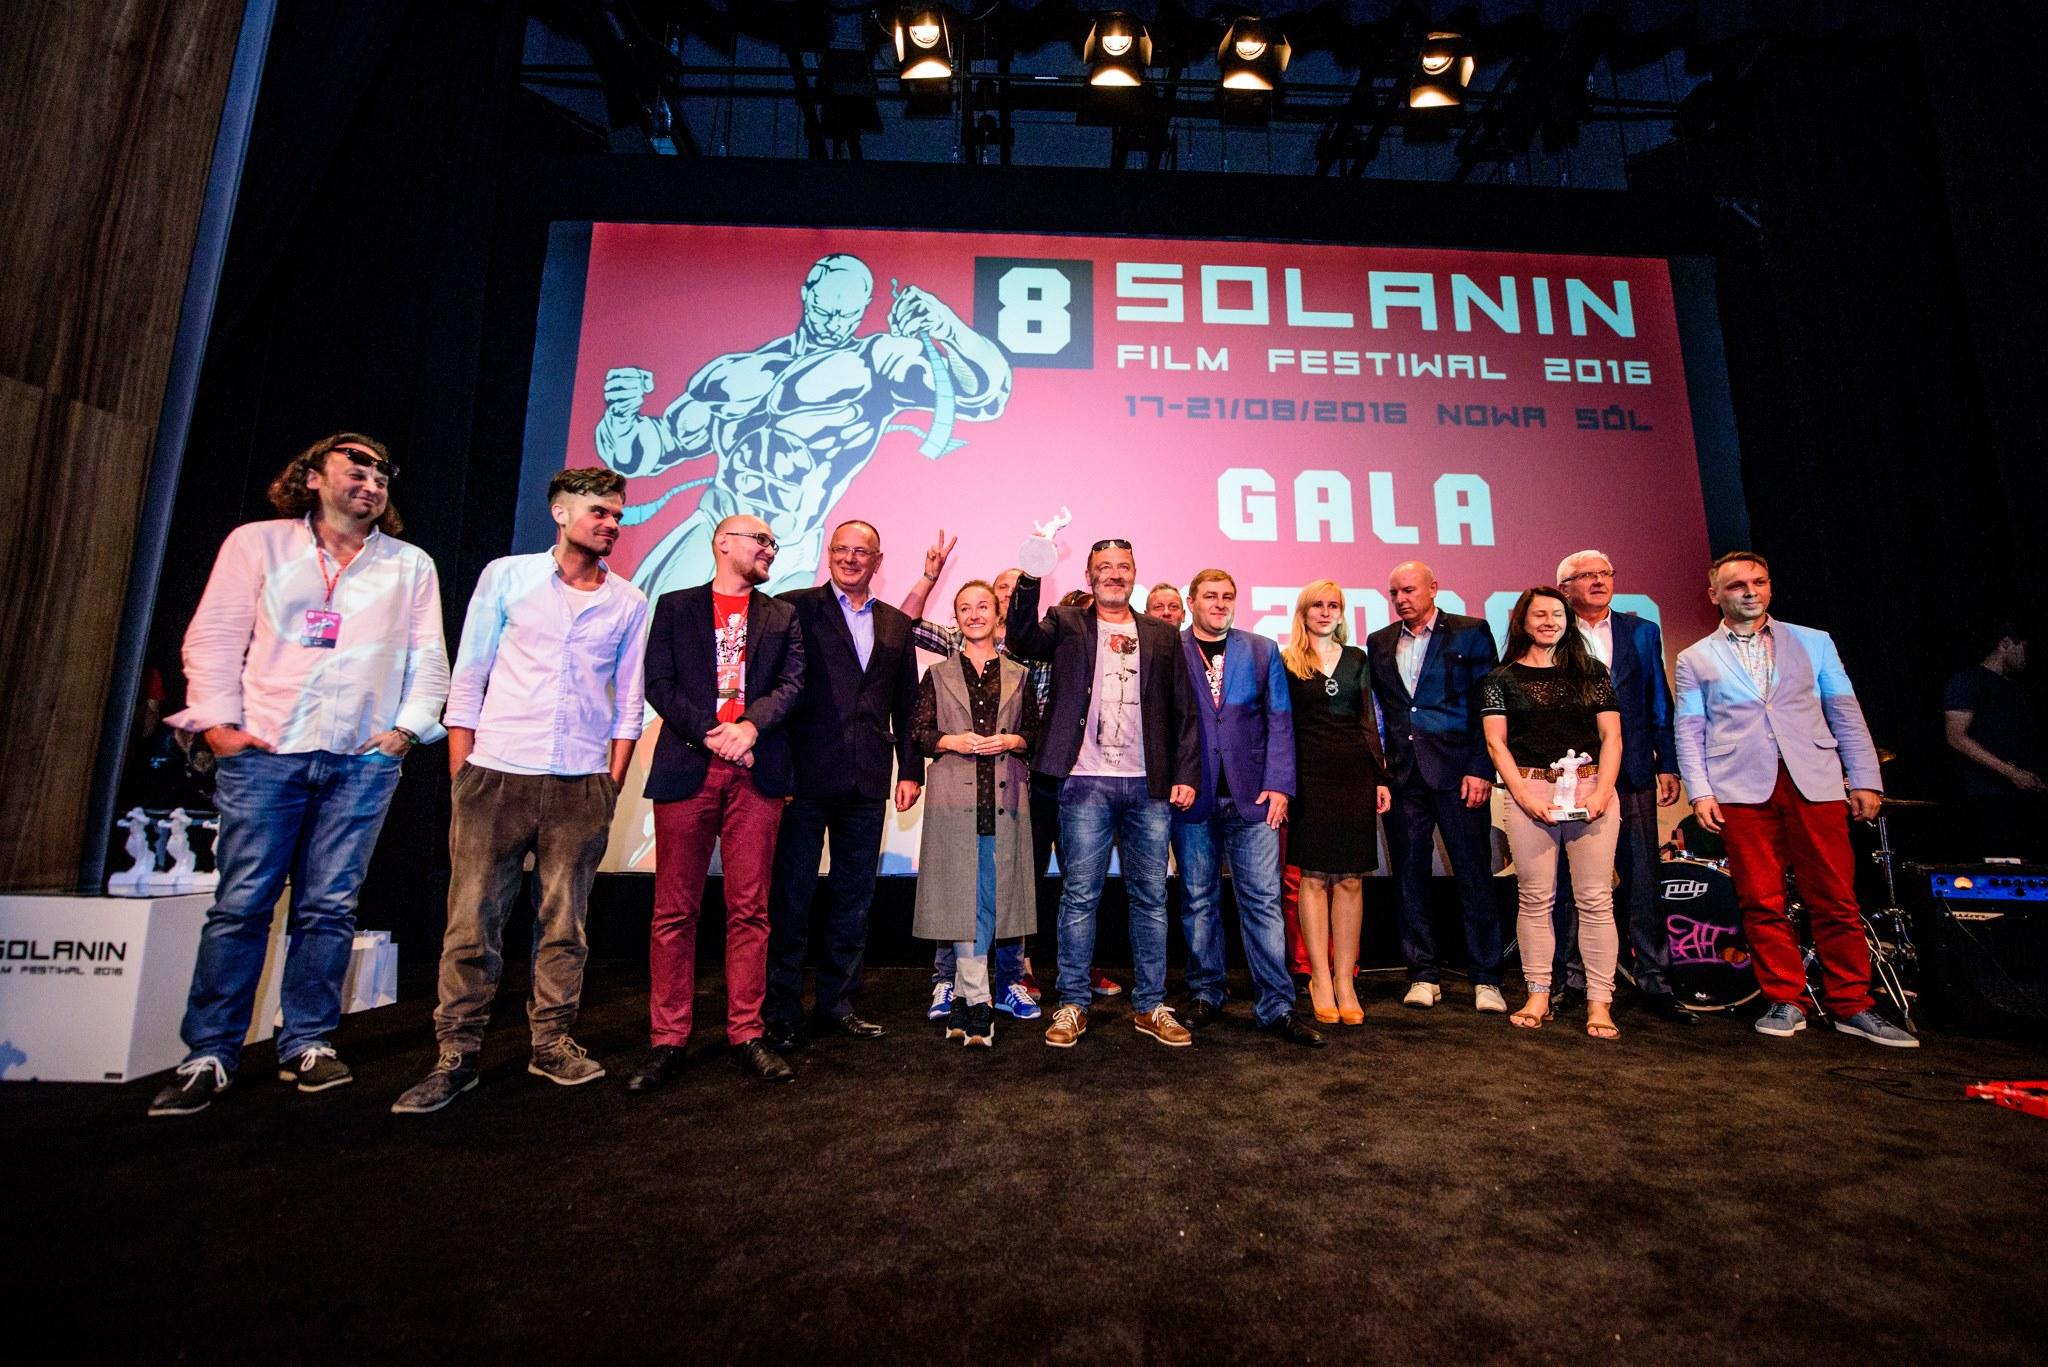 8. Solanin Film Festiwal 2016 - Zwycięzcy